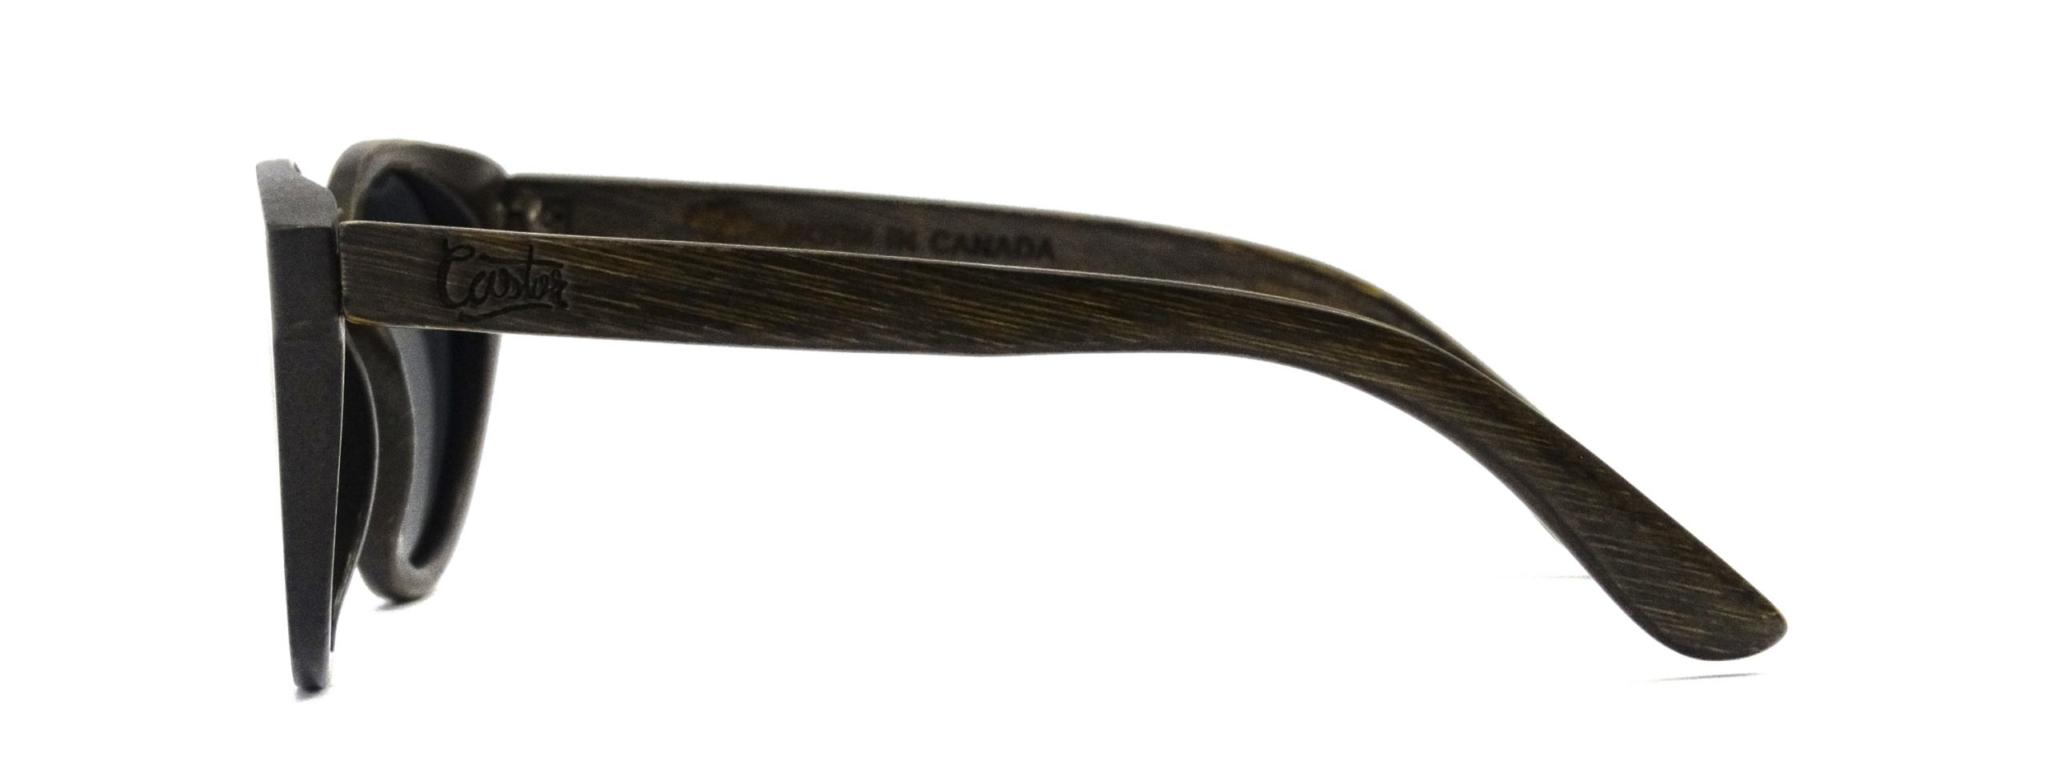 ba72f6c9-42c-gafas-de-sol